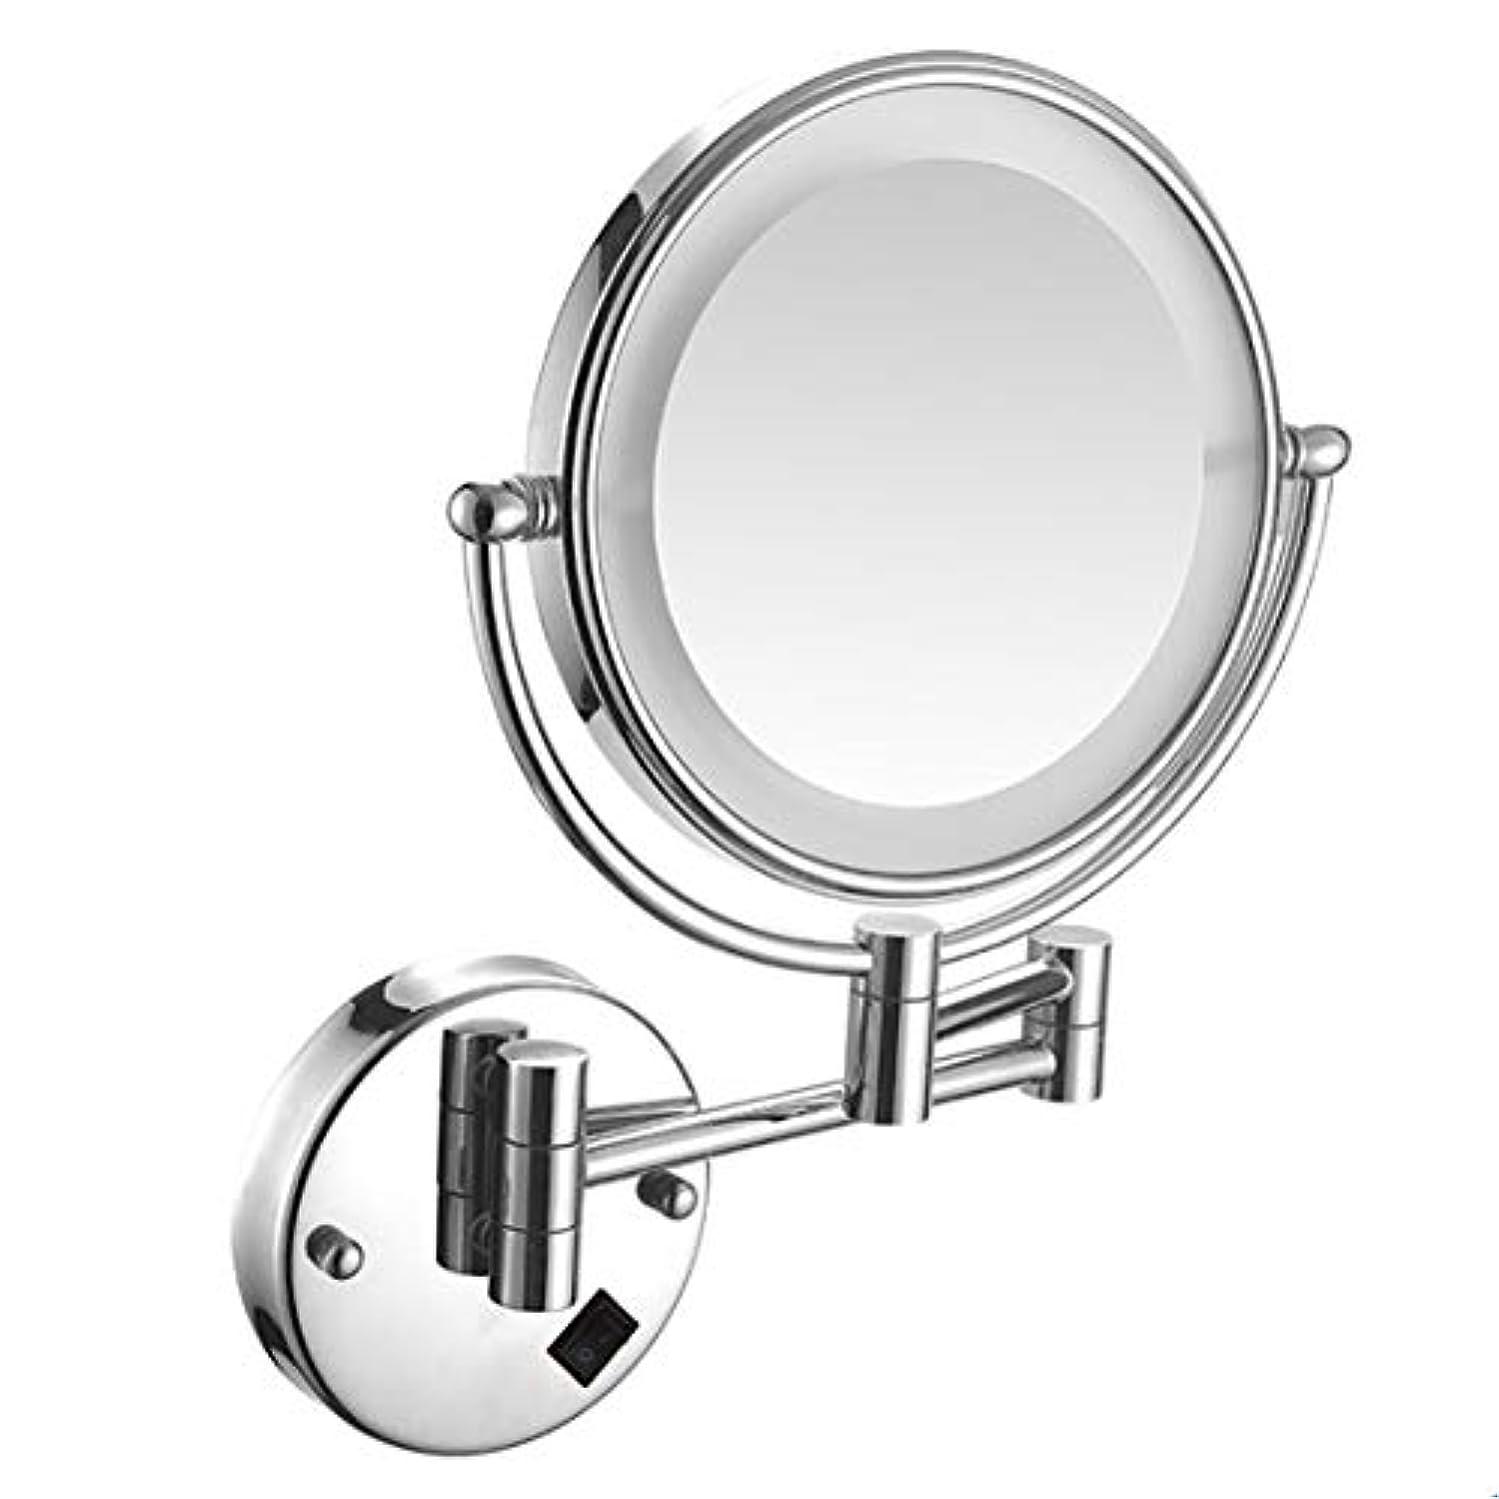 九証明書道徳教育ウォールマウントLED照明付きメイクアップミラー3X拡大鏡USB充電式化粧品ミラー360°スイベル拡張可能な両面浴室用化粧鏡